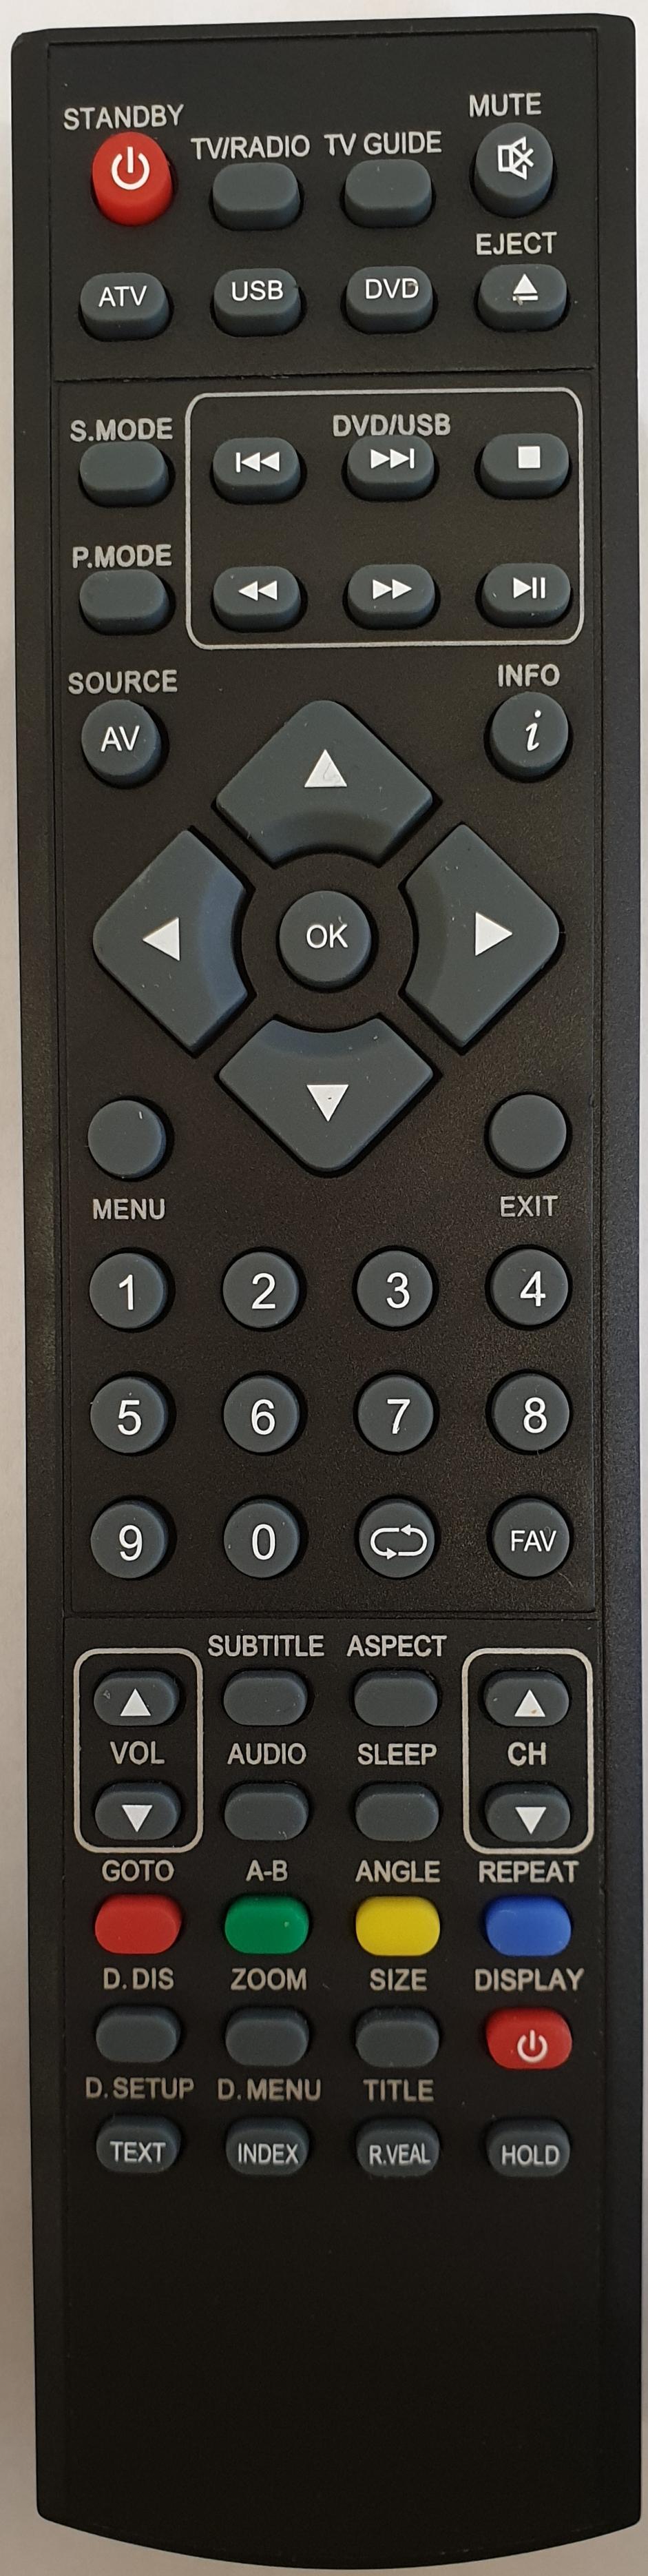 TECHNIKA LED22-248COM Remote Control Original